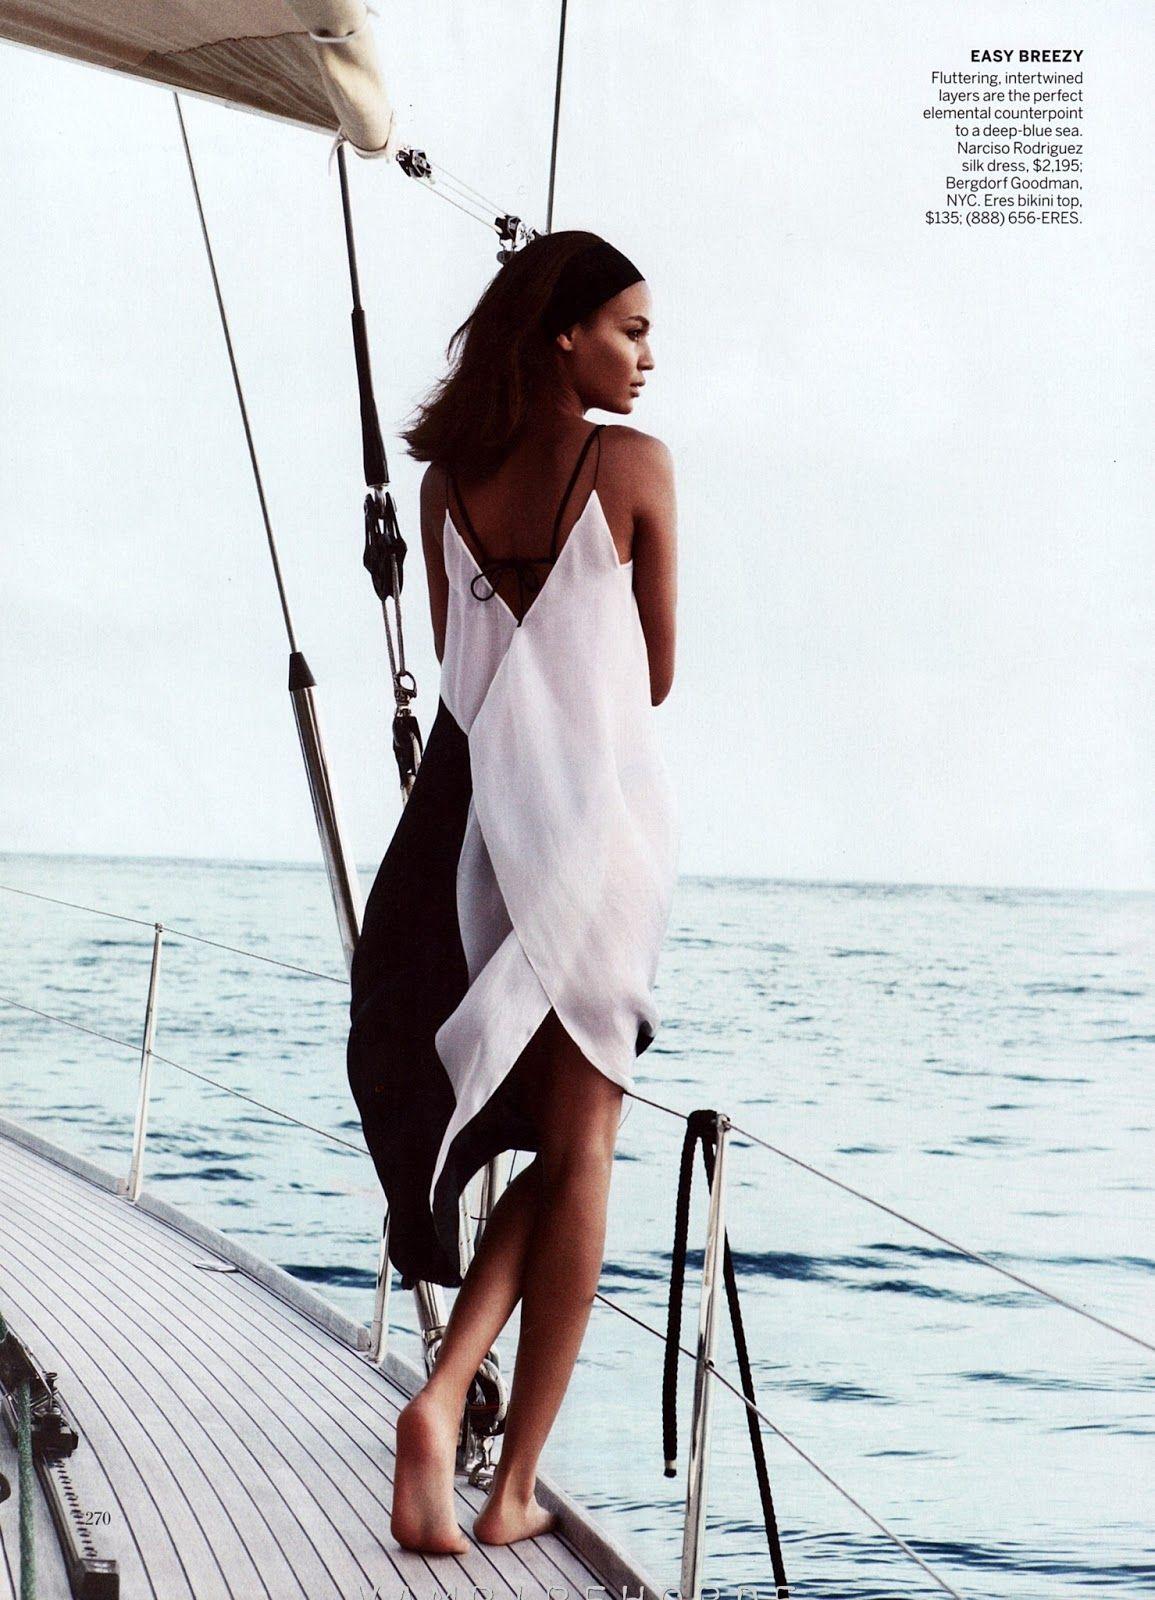 Joan Smalls Narciso Rodriguez Vogue April 2013.